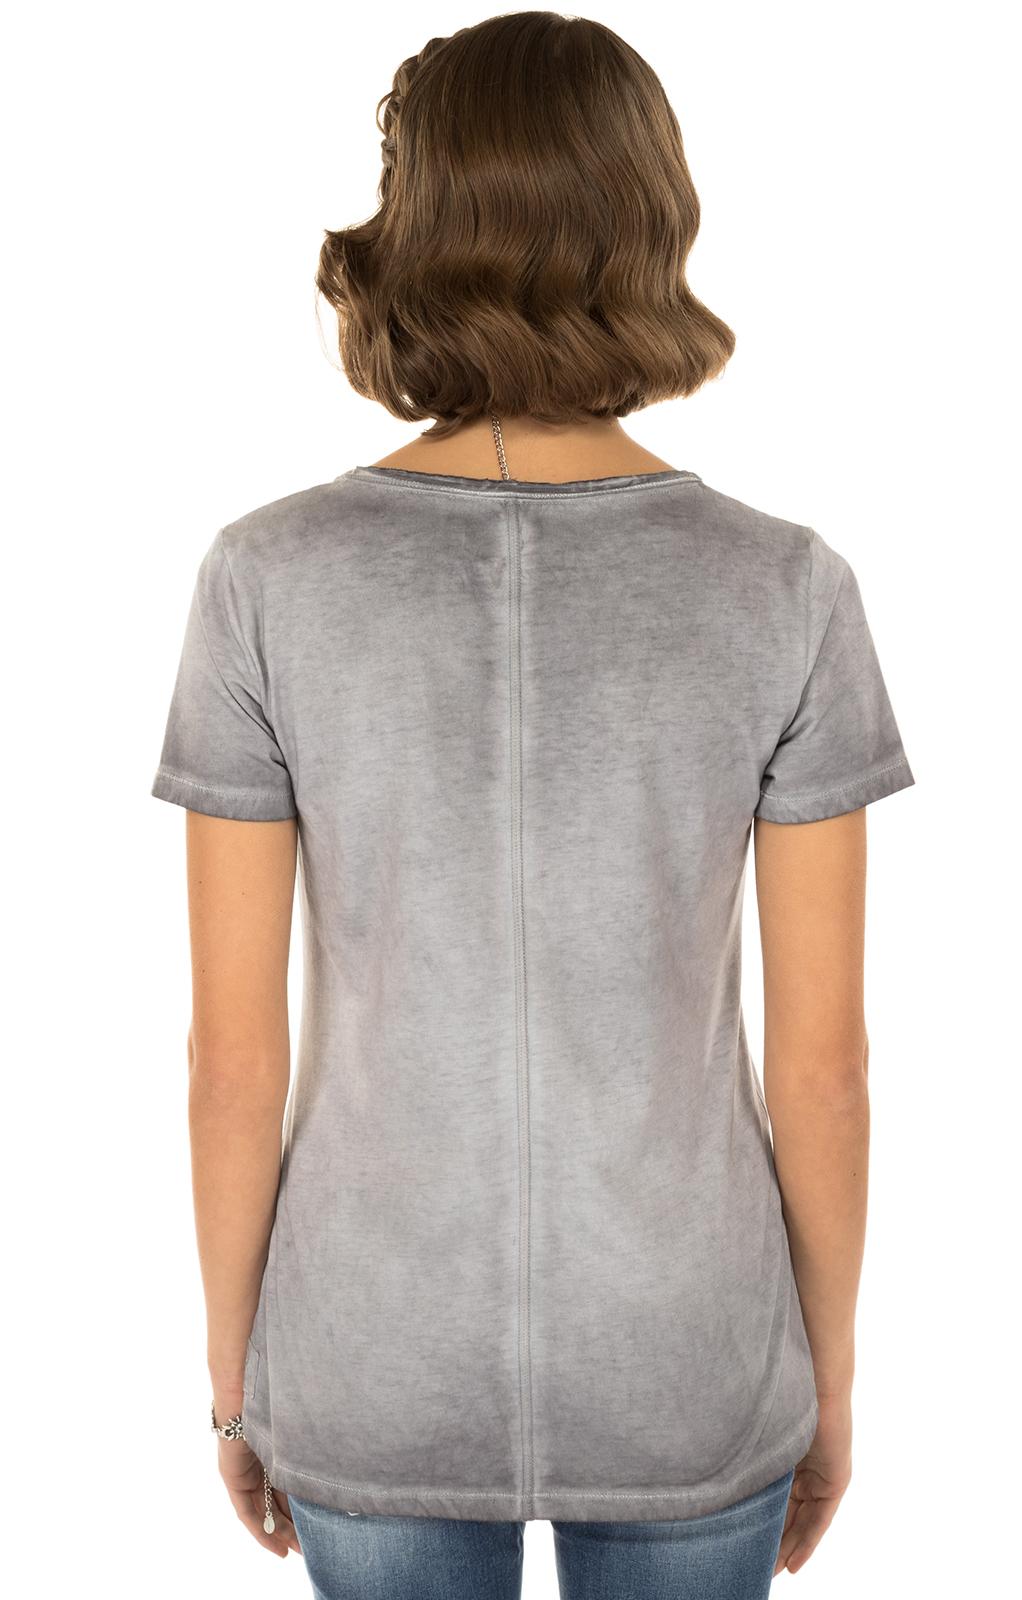 weitere Bilder von Trachten T-Shirt K04 EDELWEISS anthrazit